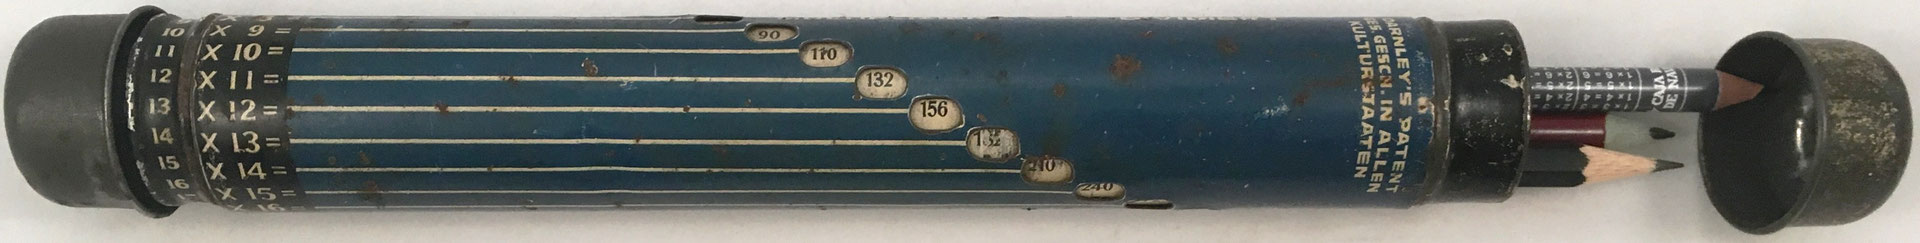 Patente británica nº 167699/21 y alemana nº 797458 del estuche Roka, permite productos hasta 20x20